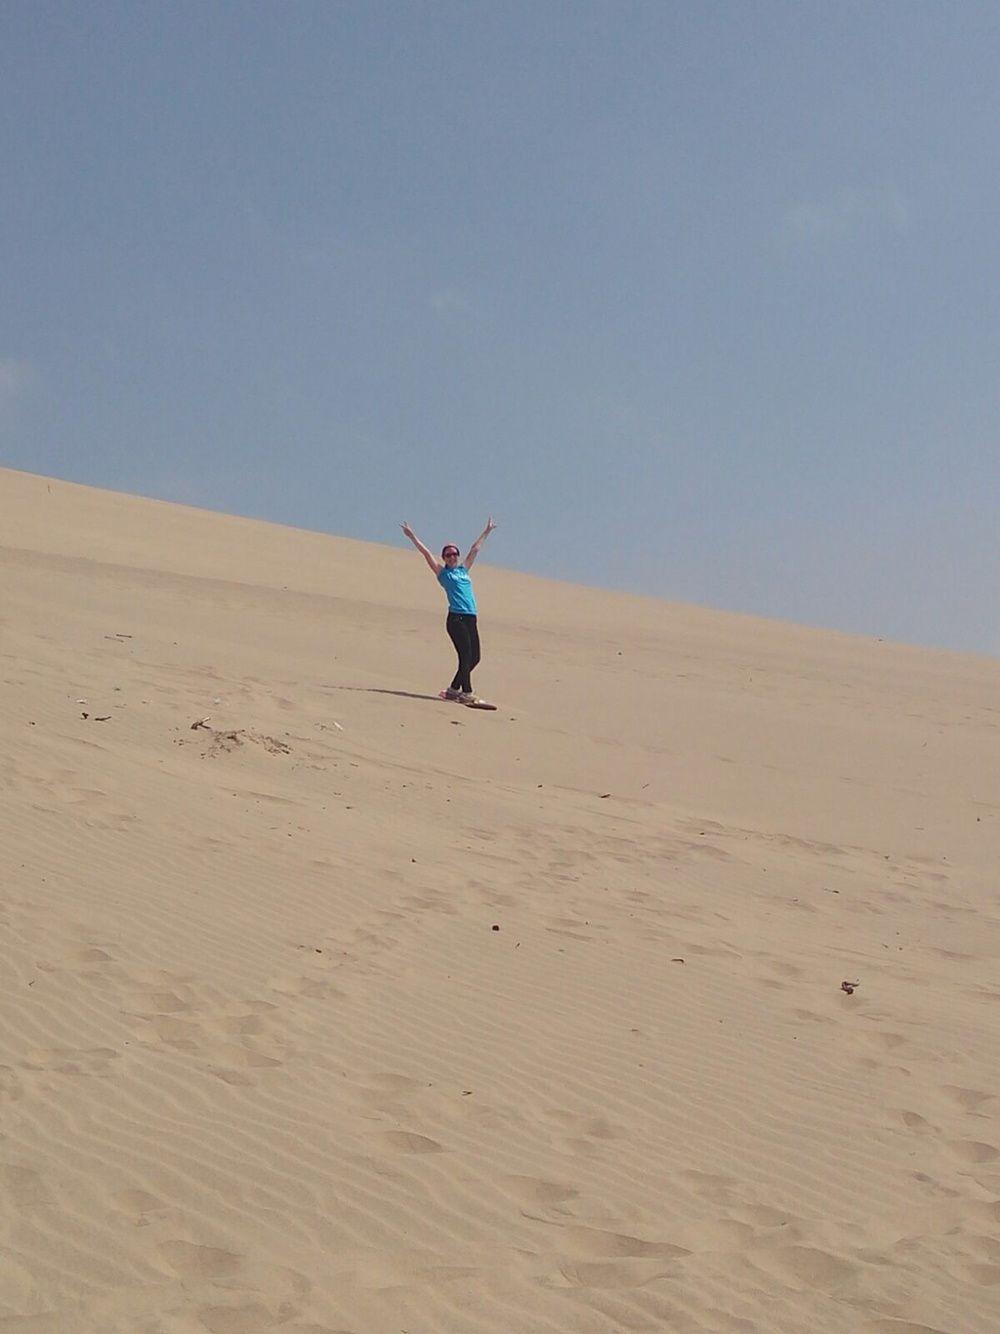 17 août 2015: Du sable, du sable PARTOUT